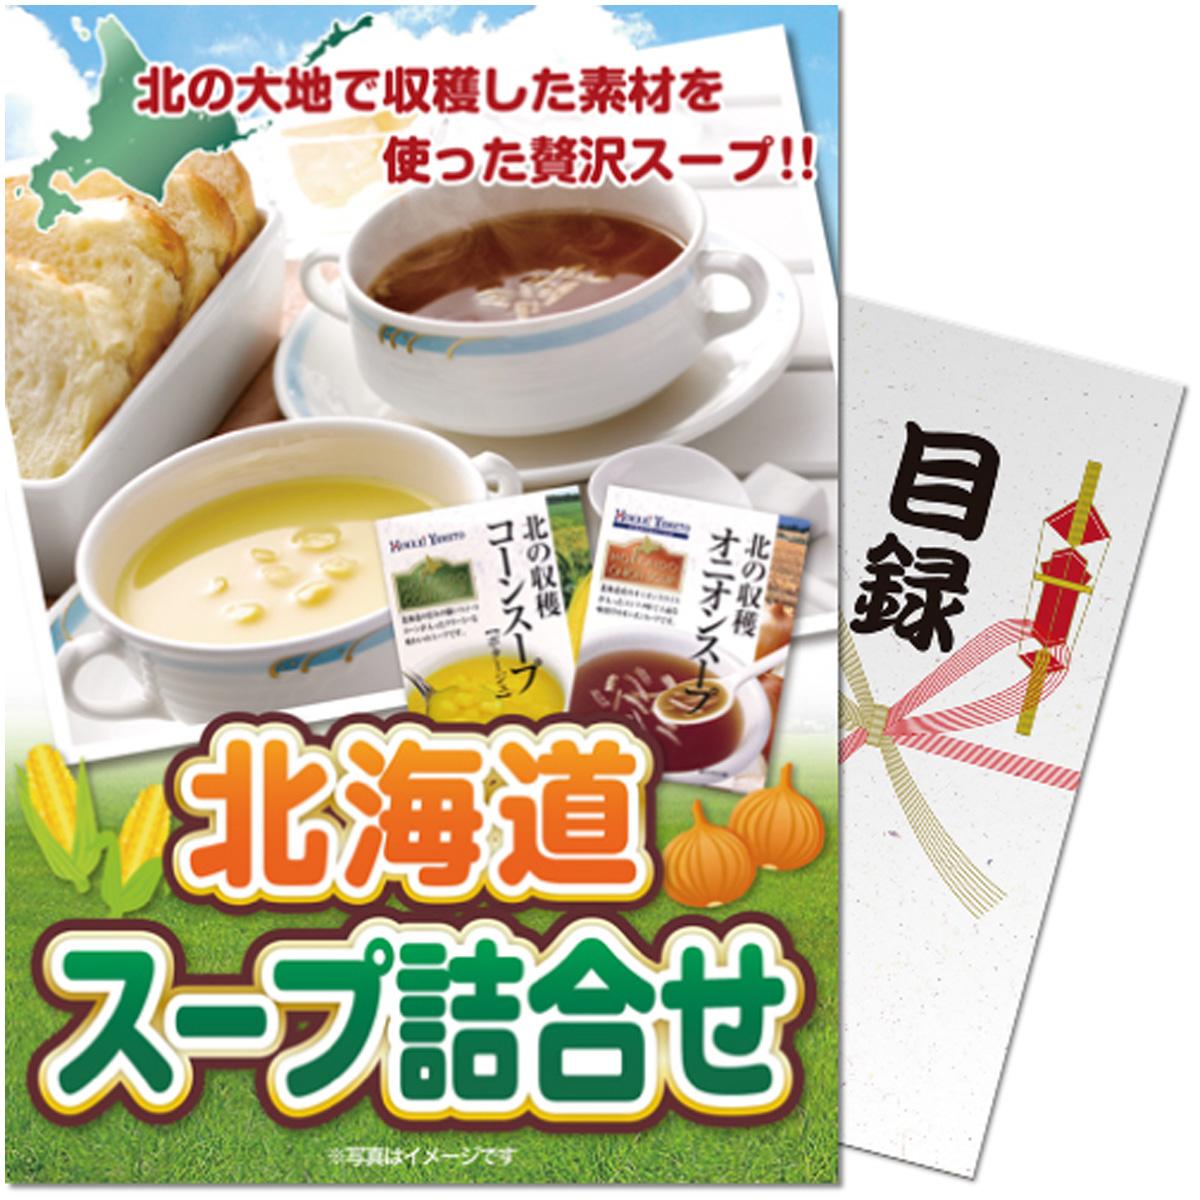 パネもく!北海道スープ詰合せ 目録 A4パネル付き